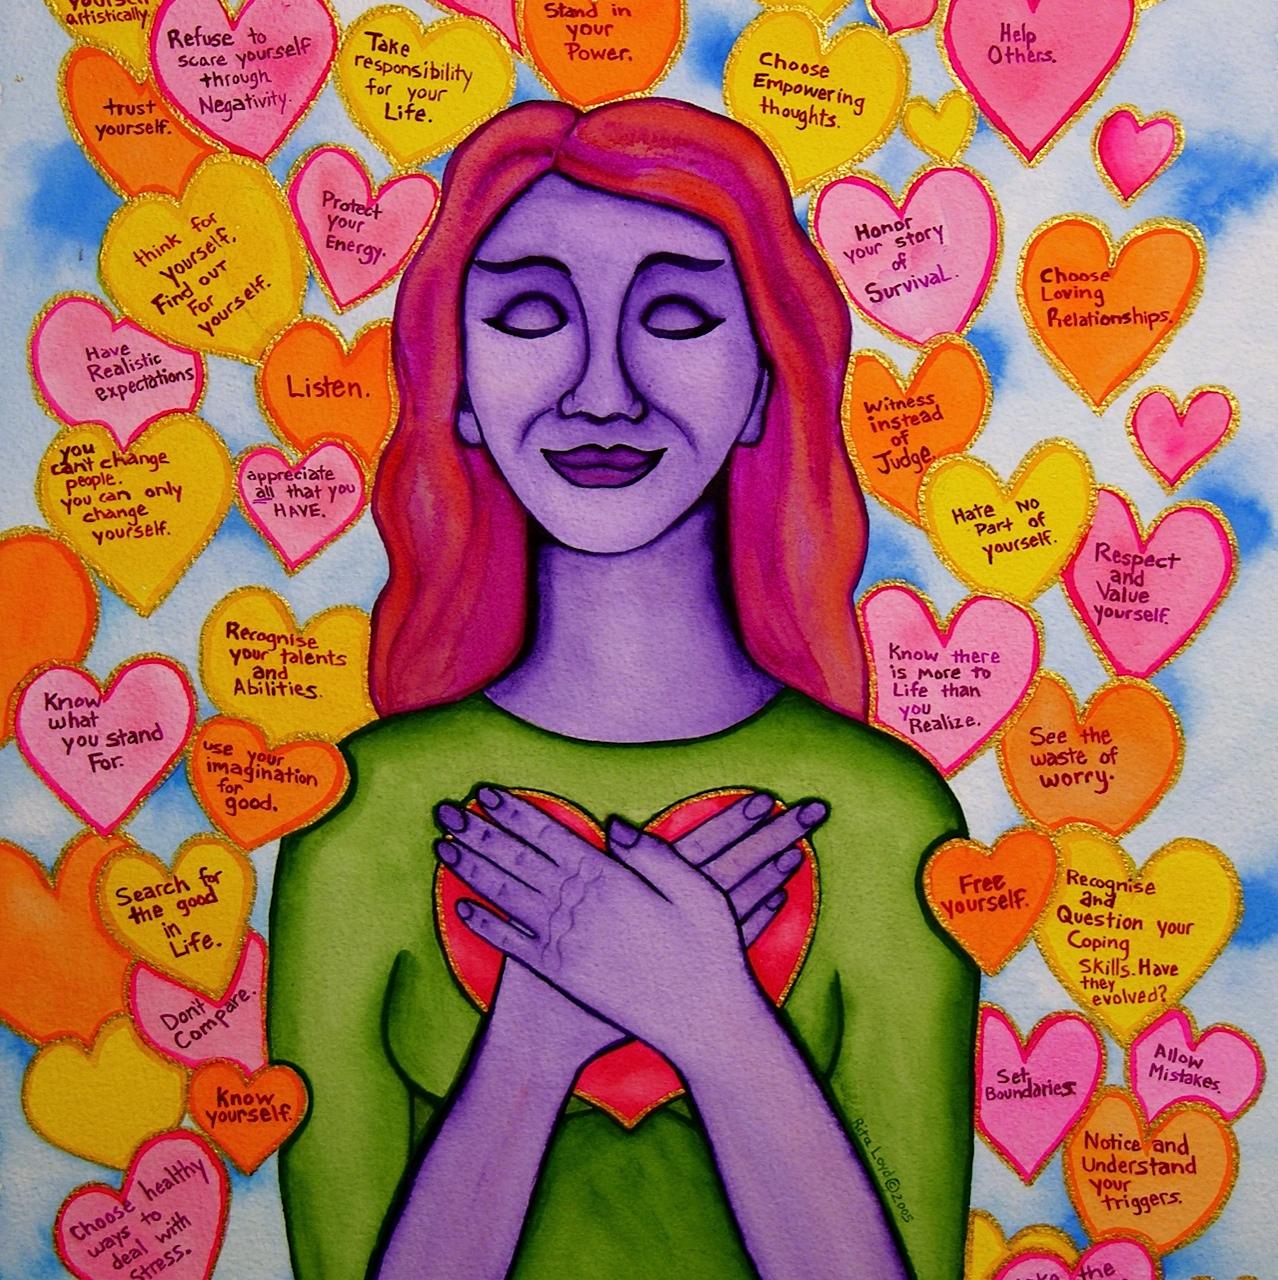 14.6 Self-Love - Rita Loyd © 2015, www.NurturingArt.com, by permission